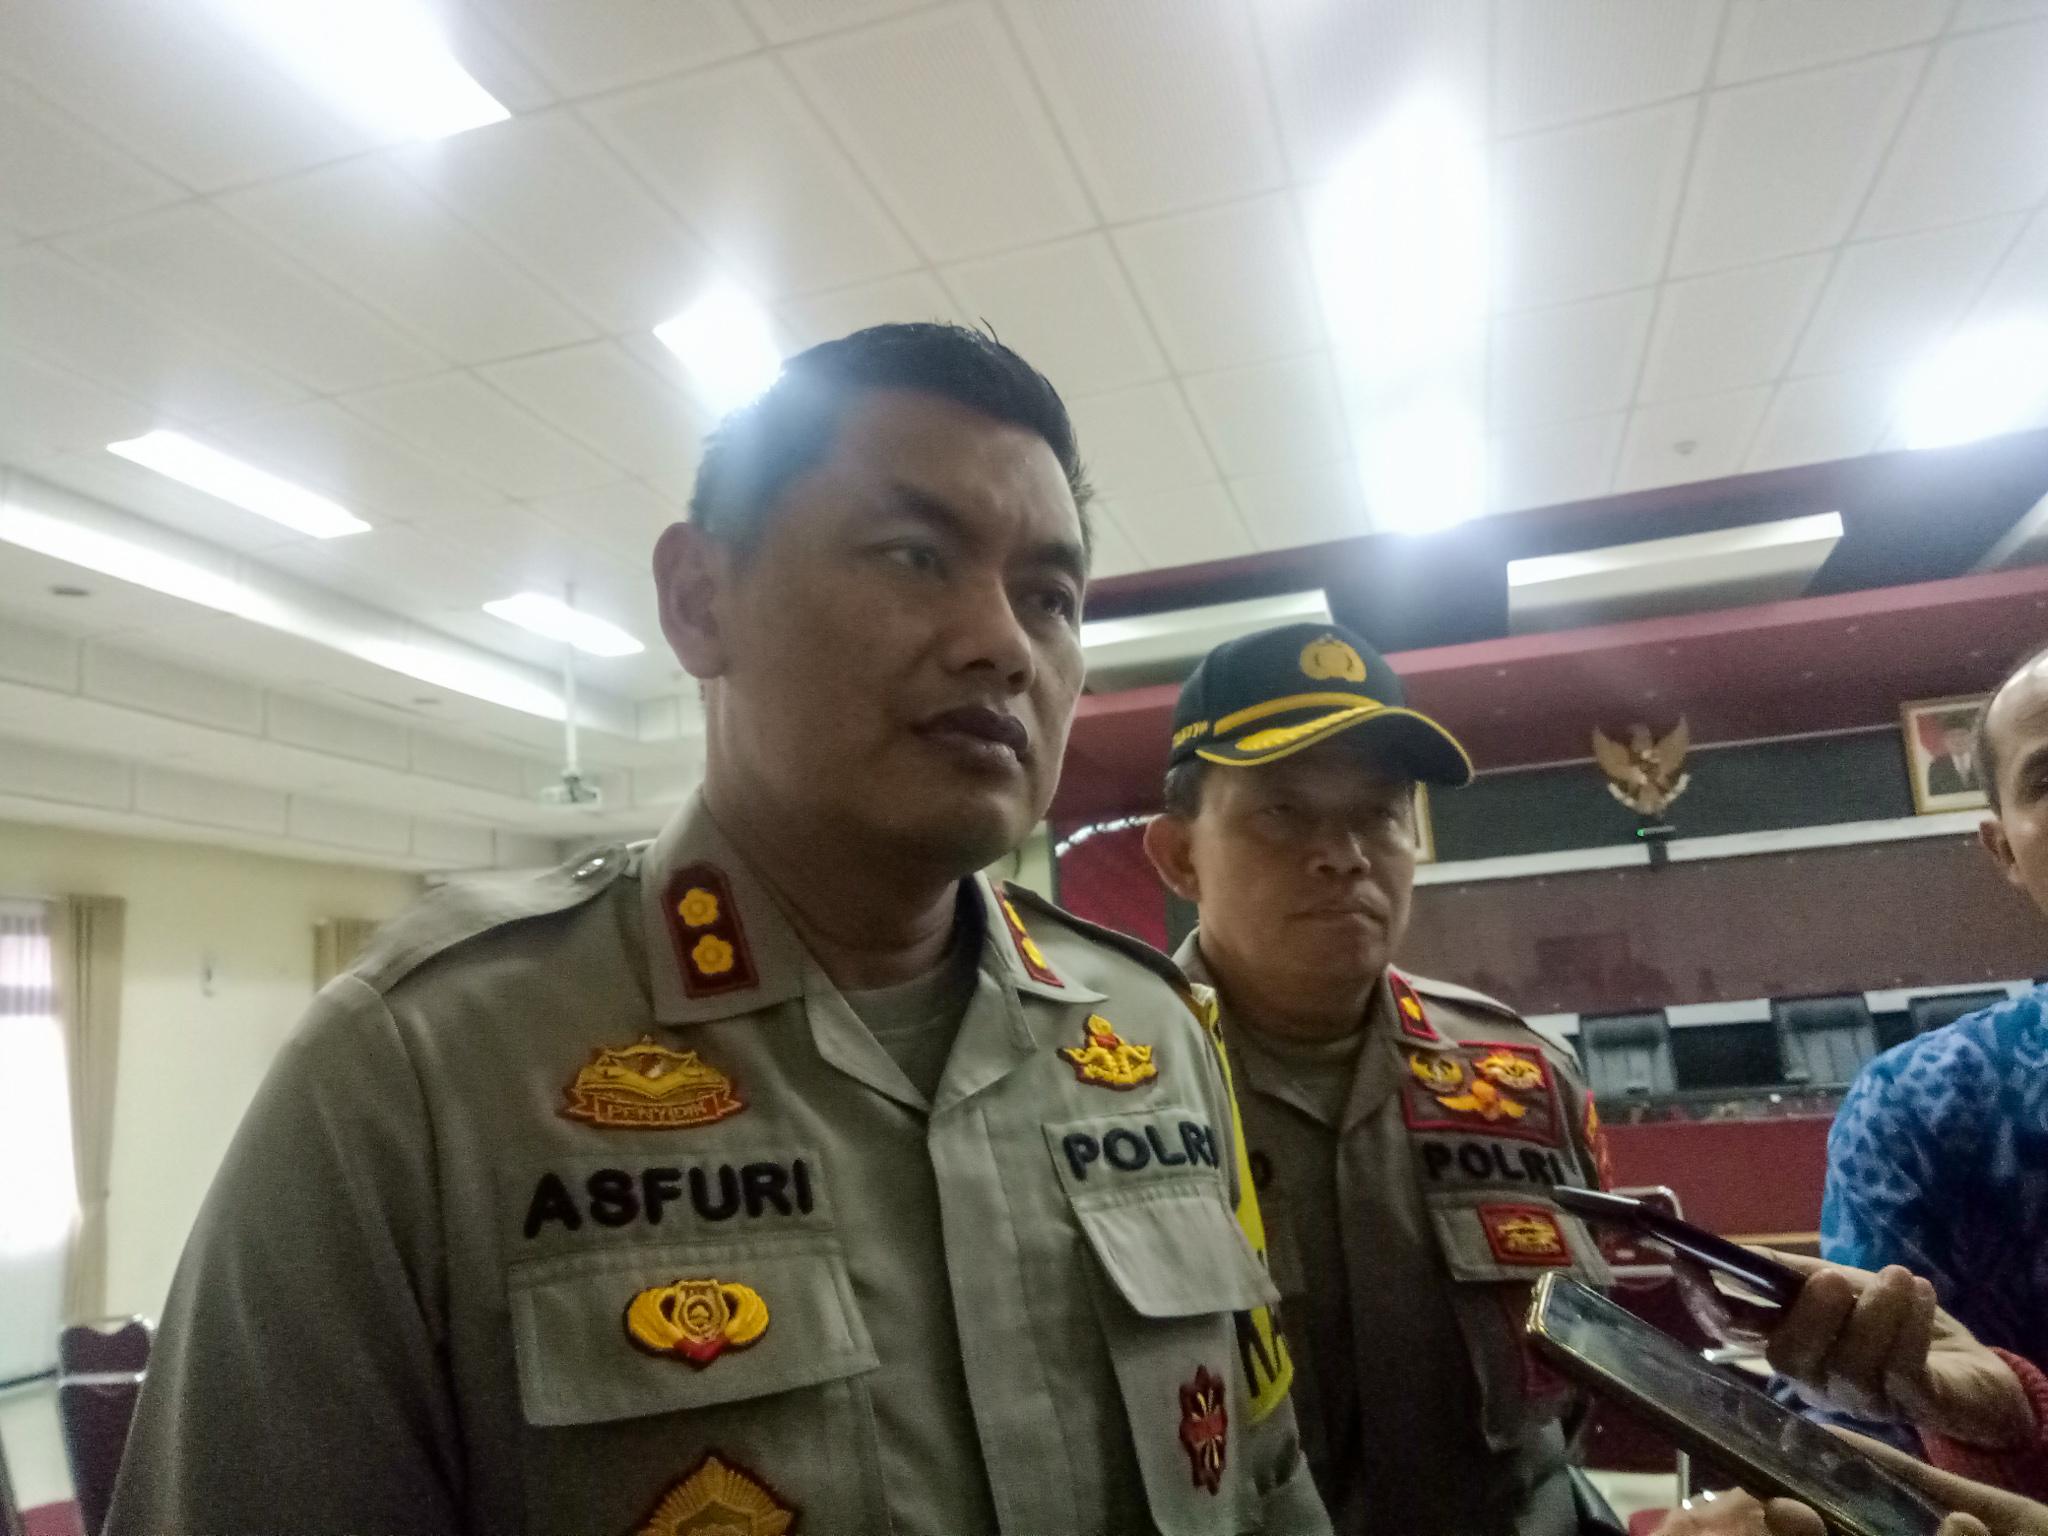 Kapolres Malang Kota AKBP Asfuri. (Foto: Imarotul Izzah/MalangTIMES)